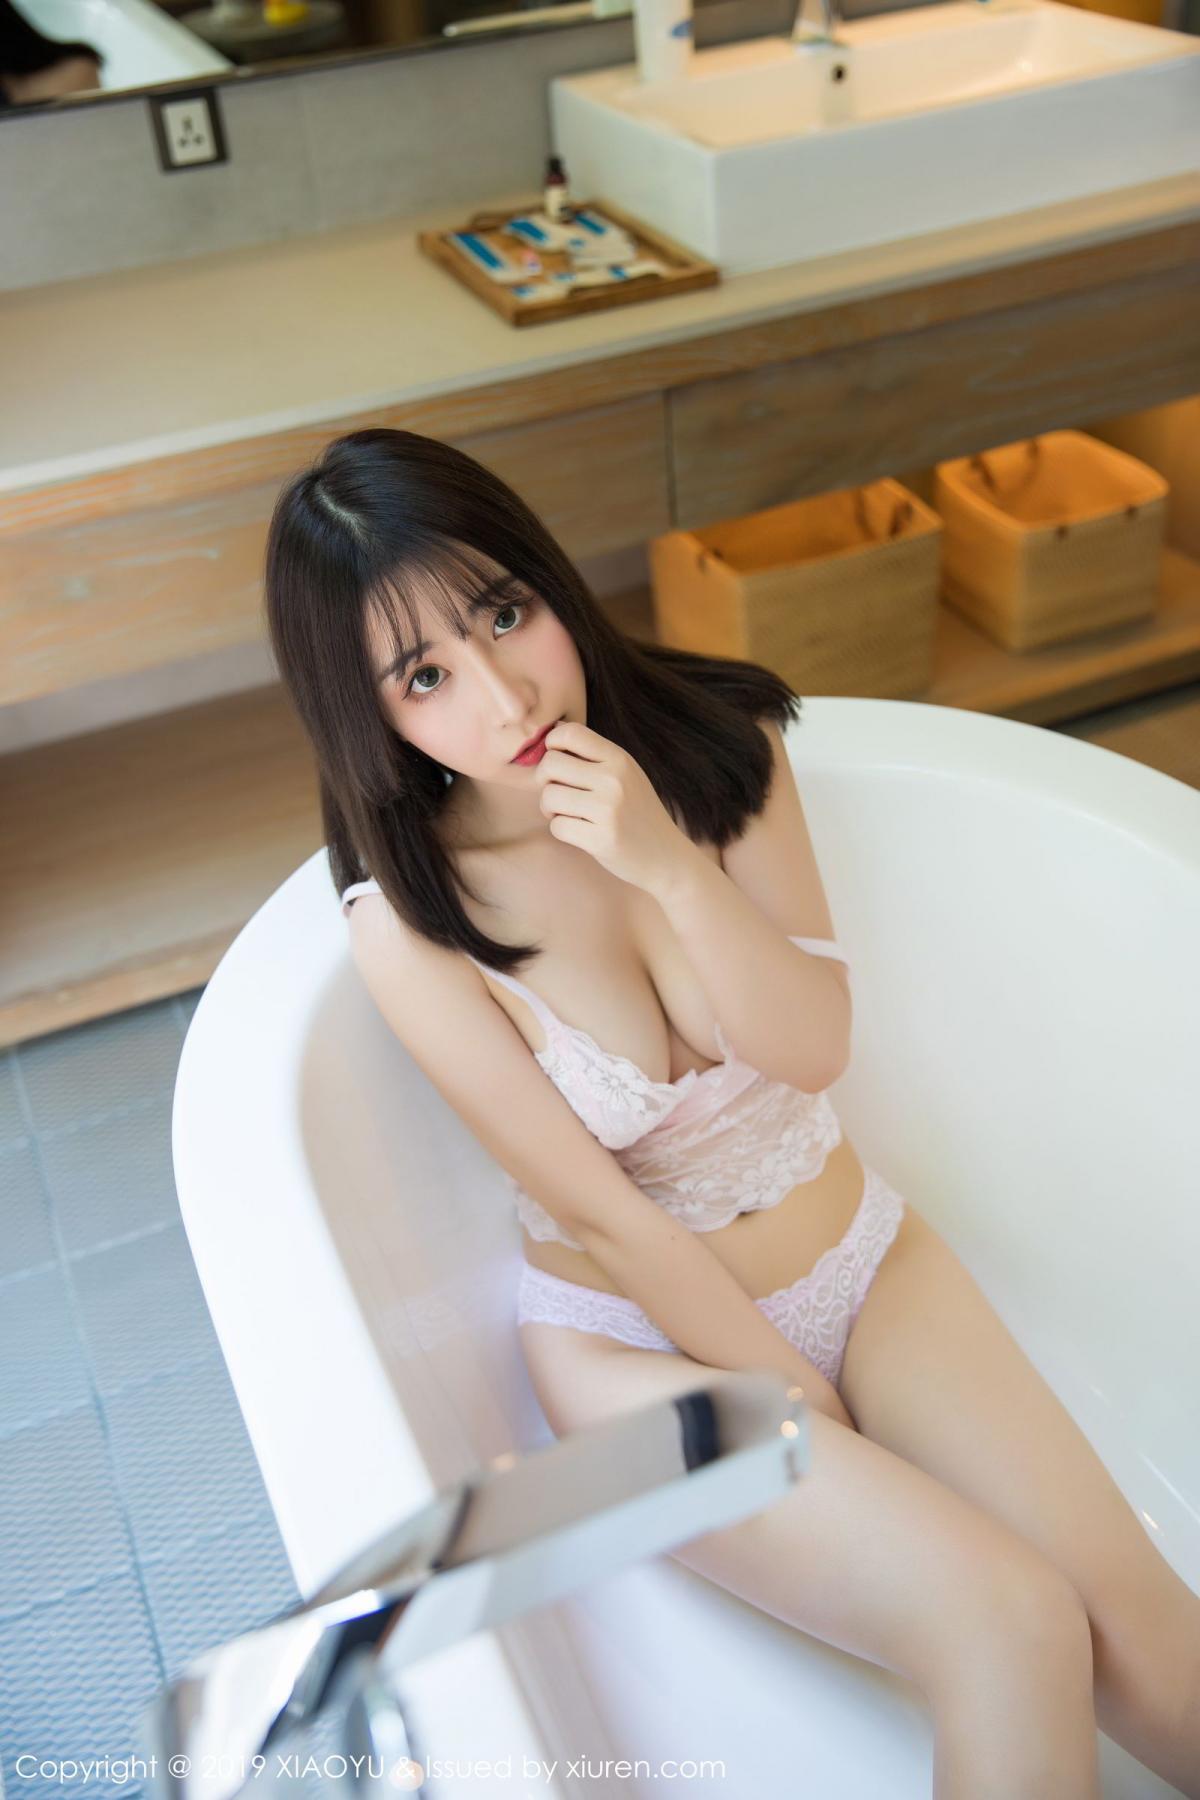 [XiaoYu] Vol.147 Xie Zhi Xin 47P, Bathroom, Big Booty, Wet, XiaoYu, Xie Zhi Xin